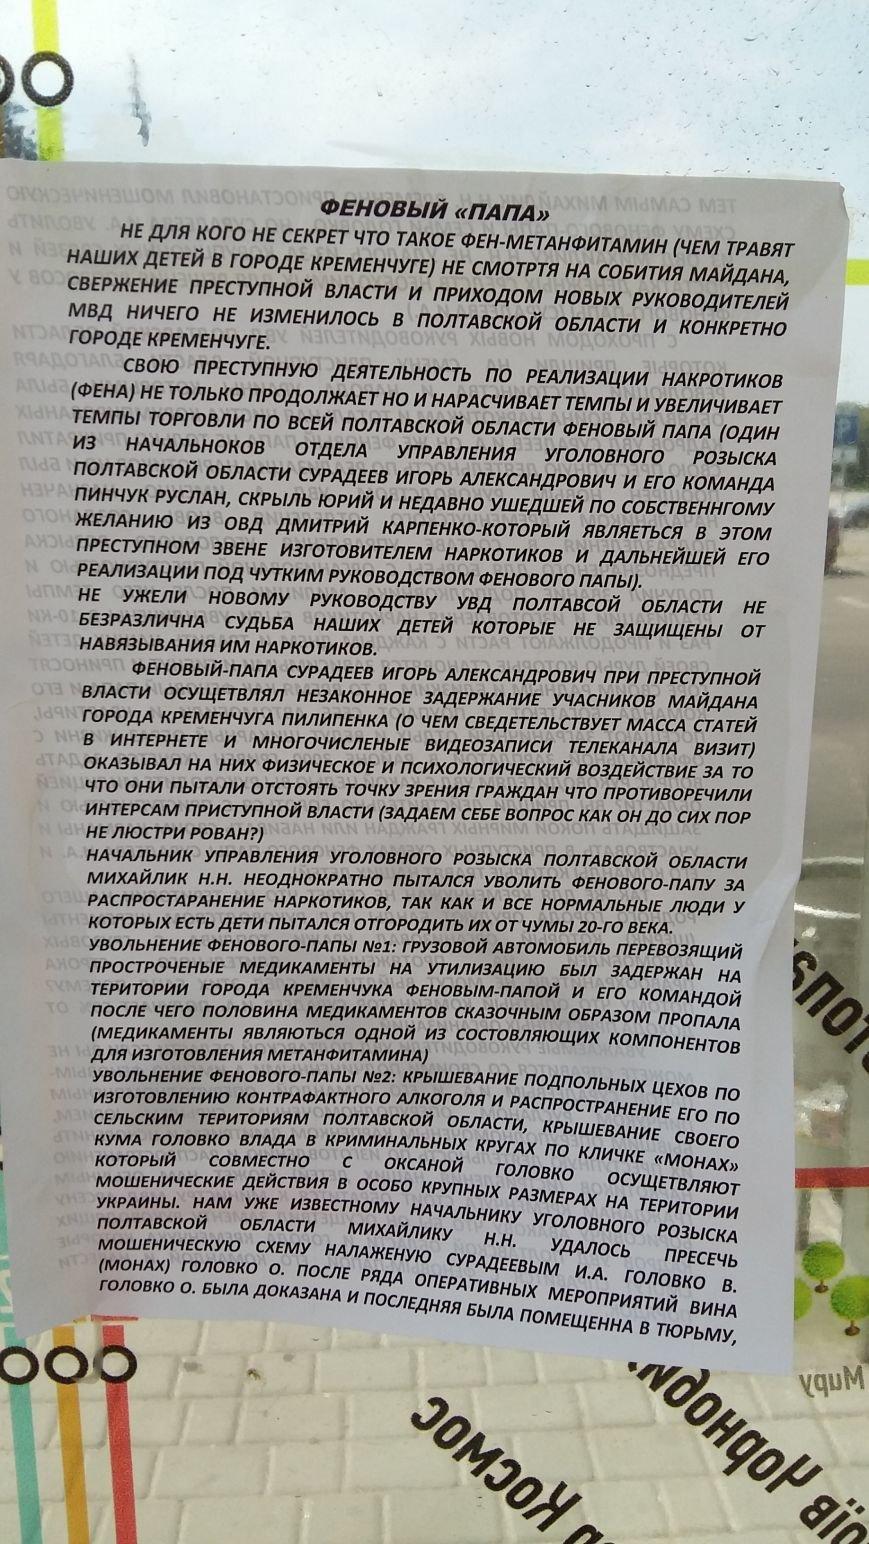 По Кременчугу расклеены листовки с информацией о незаконной деятельности милиции, фото-1